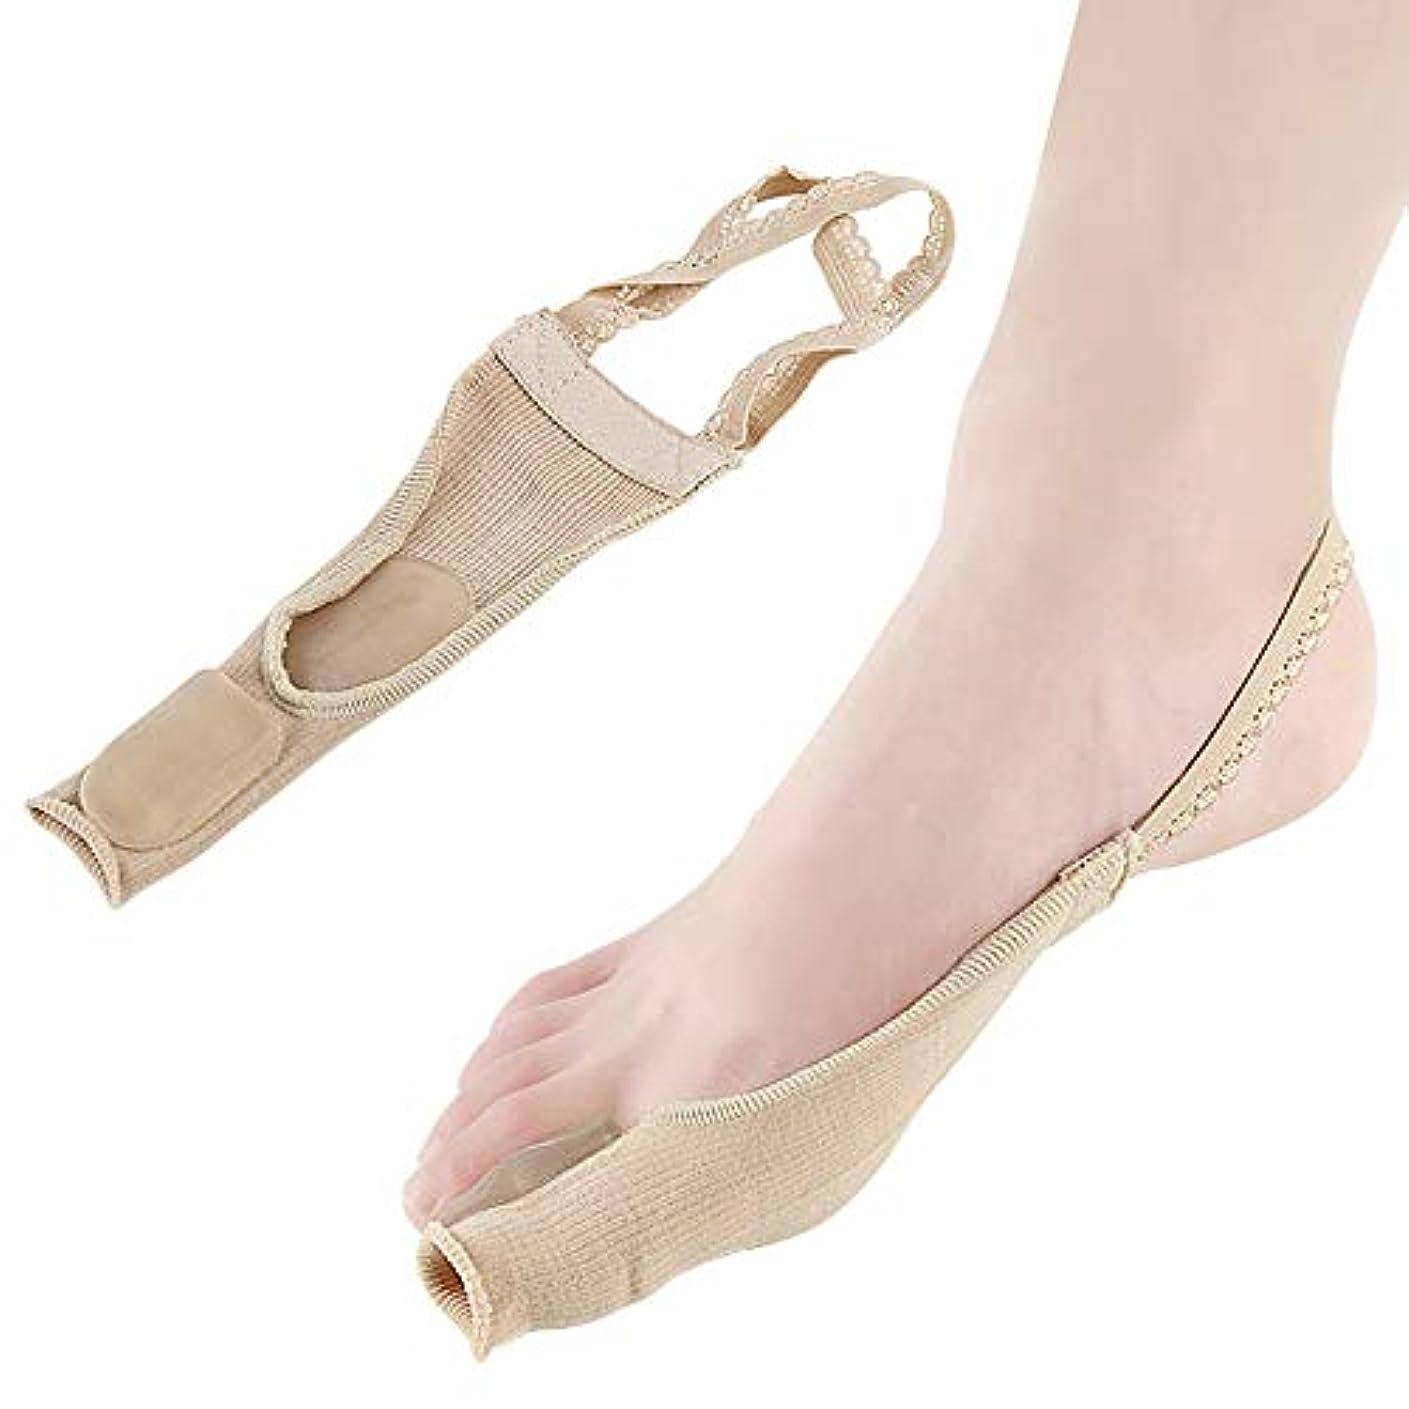 口述する天のメダリストつま先矯正靴下ワンサイズレース防止つま先外反重複高弾性厚み減衰吸収汗通気性ナイロンSEBS,2Pairs